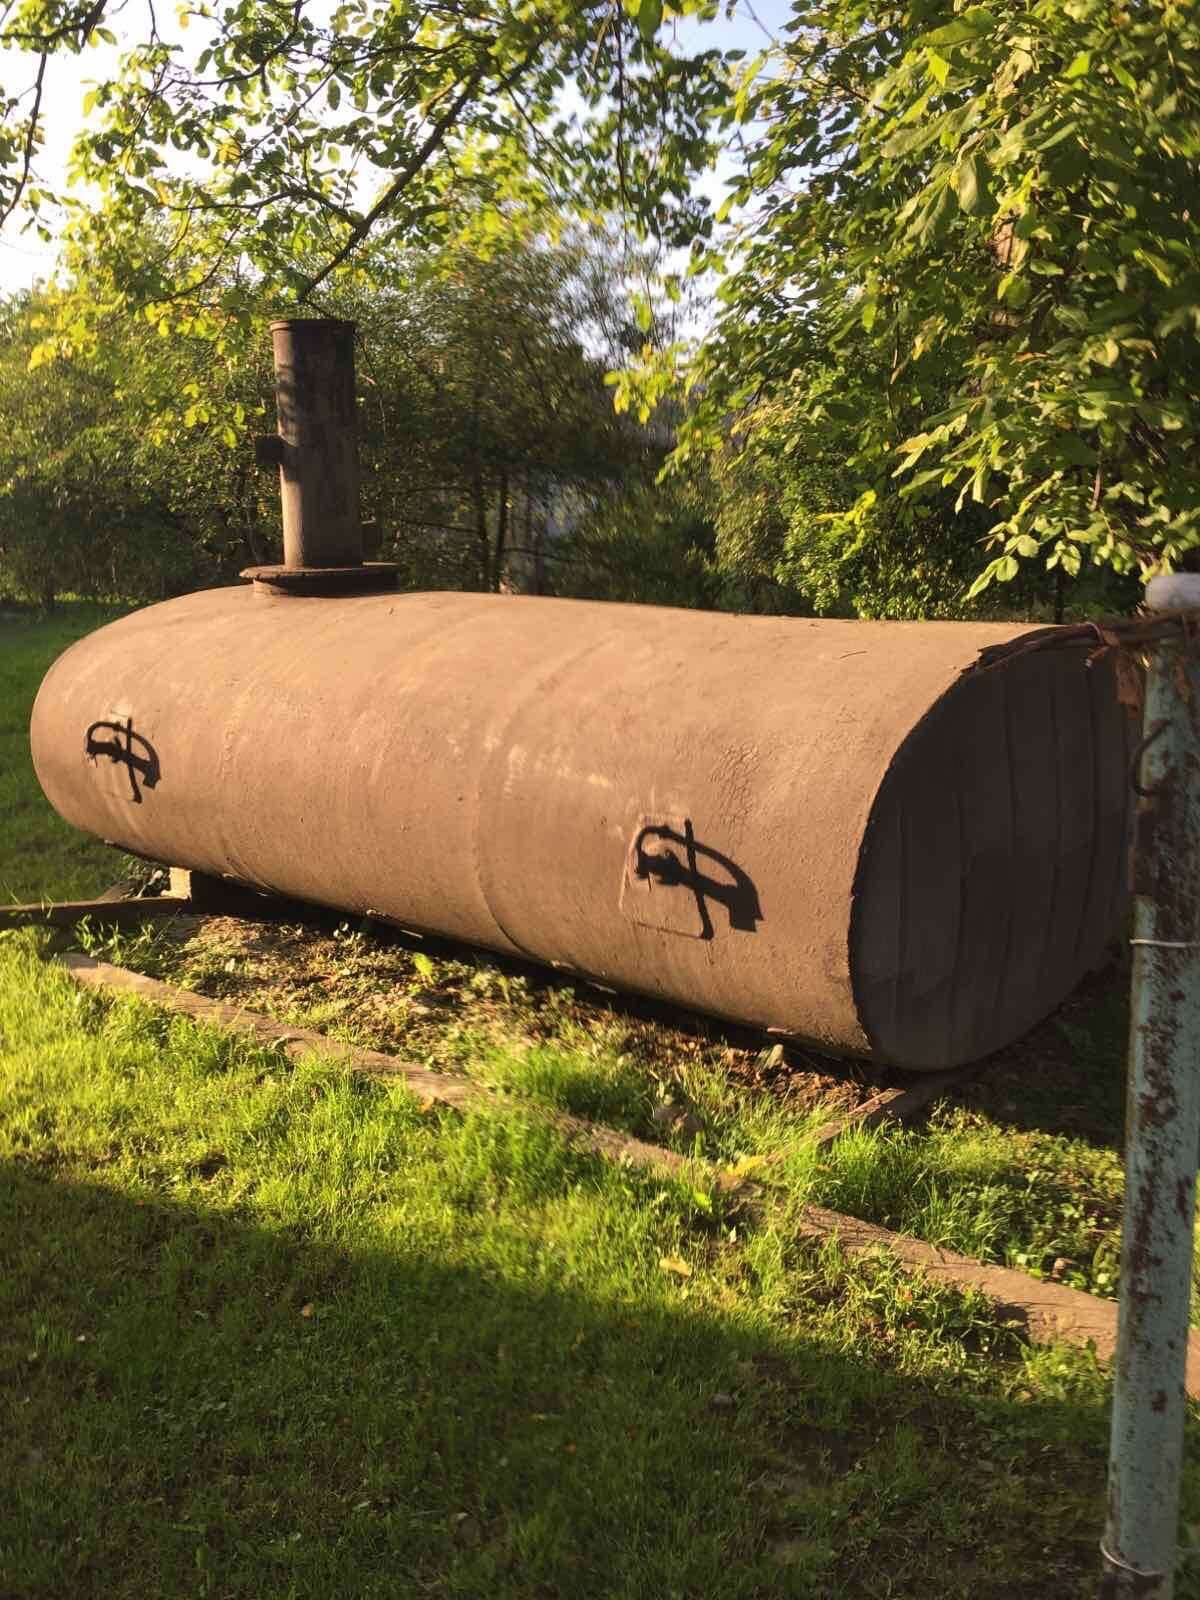 Продається цистерна для каналізації